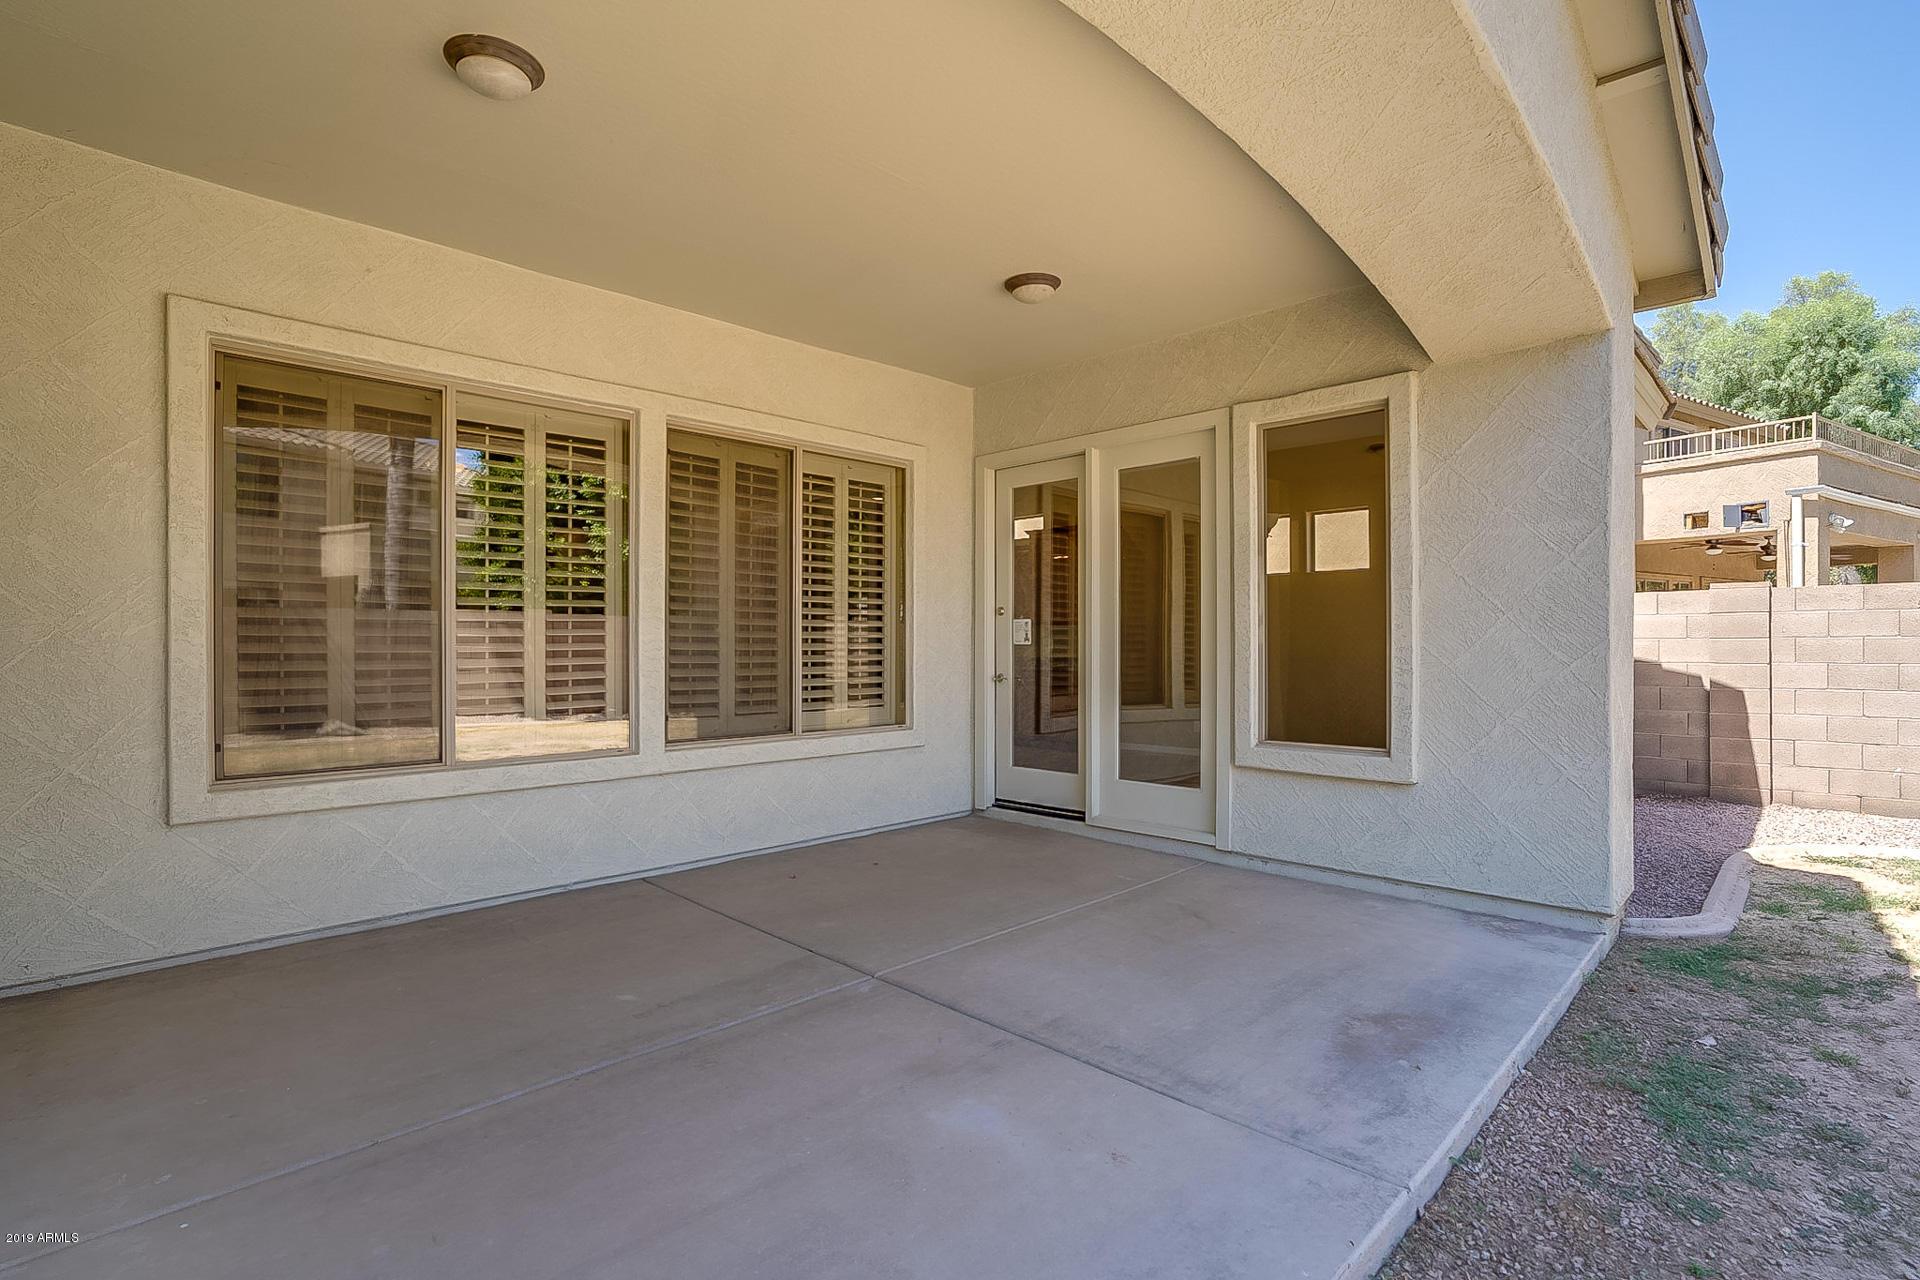 MLS 5949410 3078 E GOLDFINCH Way, Chandler, AZ 85286 Chandler AZ Paseo Trail